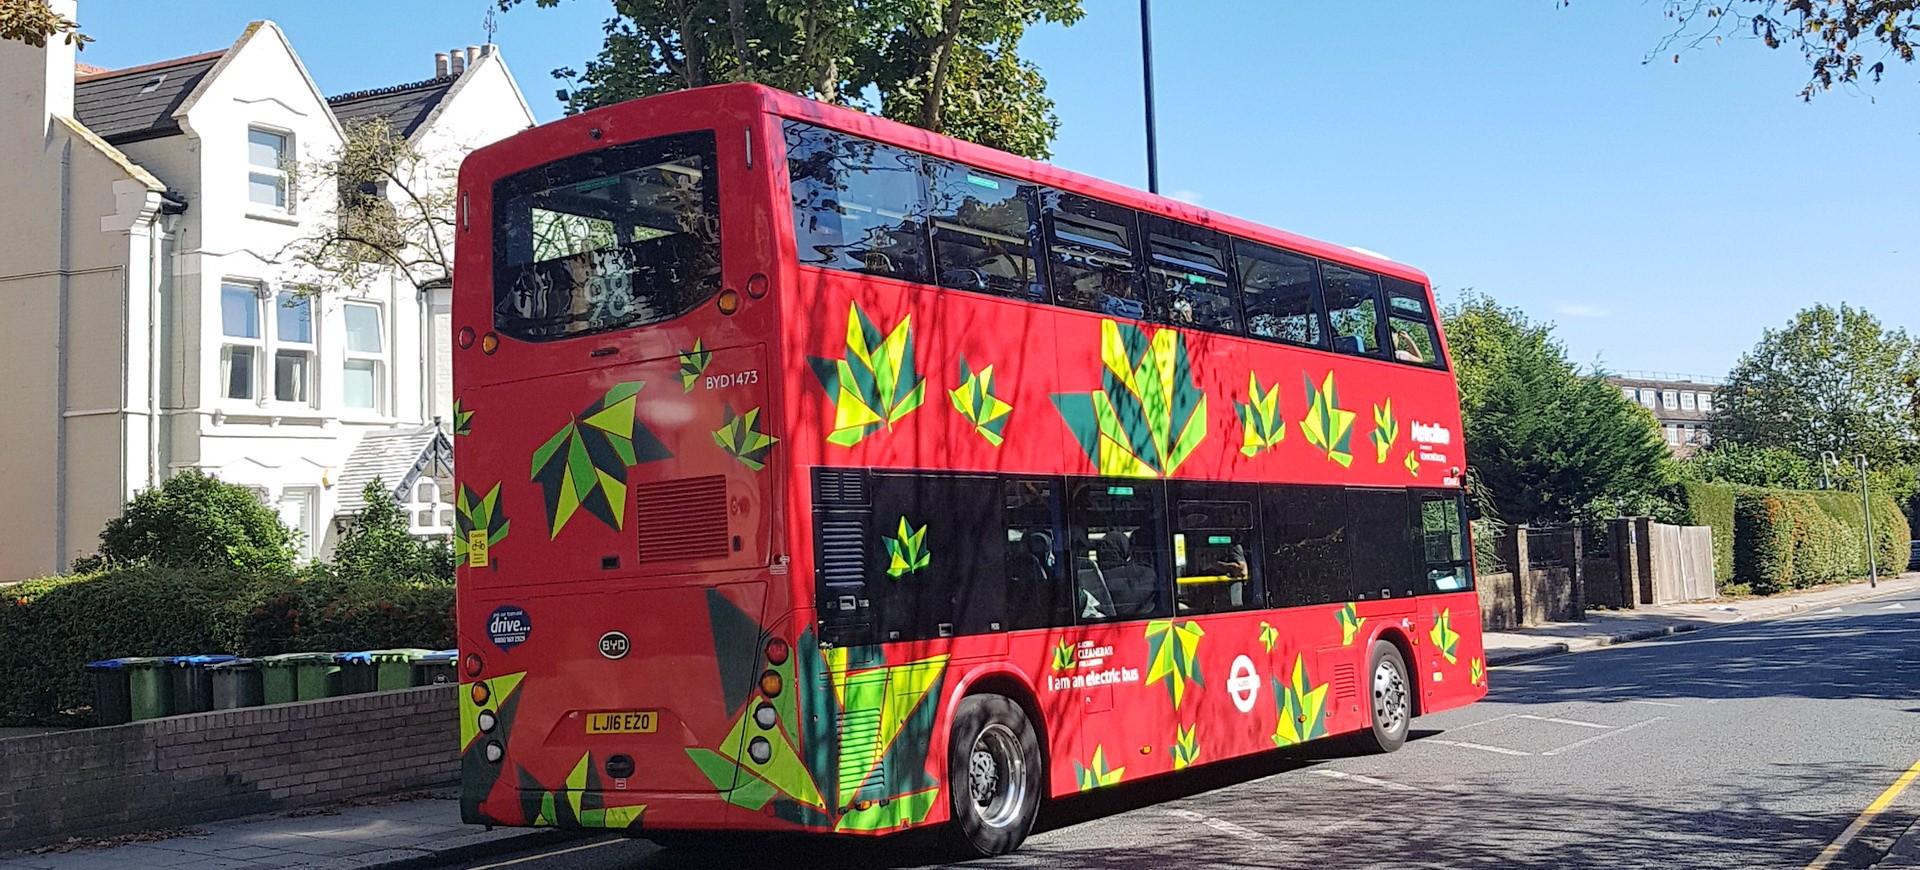 Double Un bus Decker à Brondesbury à Londres